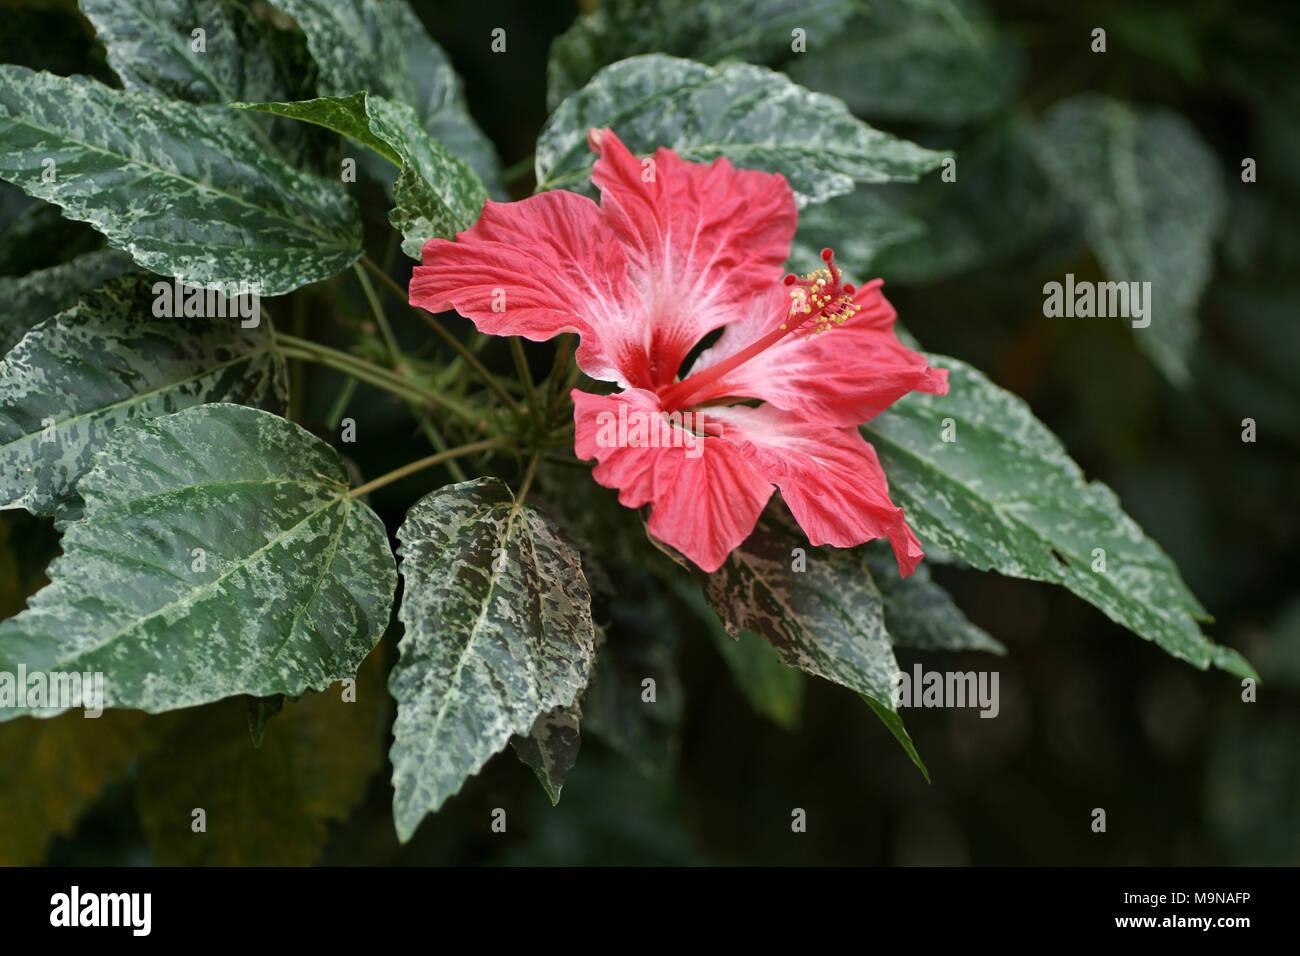 Flower of hibiscus rosa sinensis cooperi stock photo 178104858 flower of hibiscus rosa sinensis cooperi izmirmasajfo